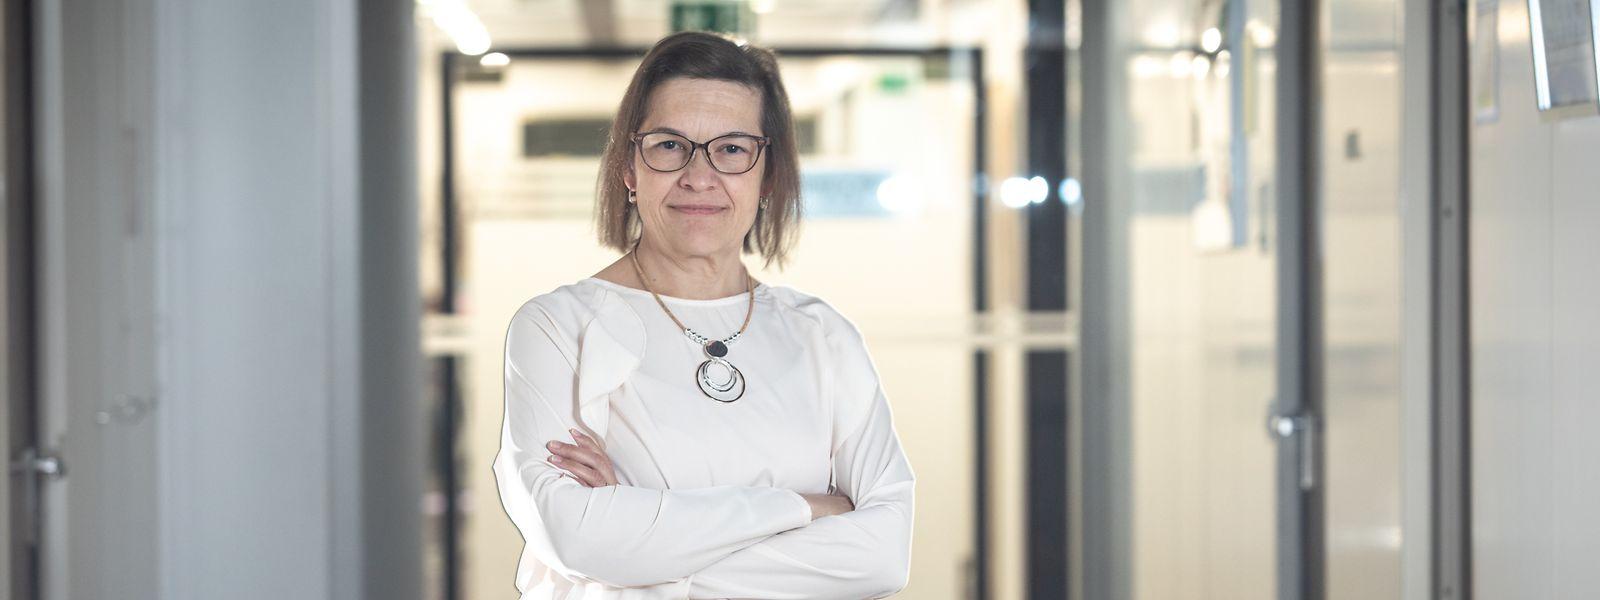 Entre la date de son arrivée à l'hôpital Kirchberg, voici plus de douze ans, et aujourd'hui, Manuela Pestana a vu le nombre d'employés affectés au nettoyage fondre de moitié.